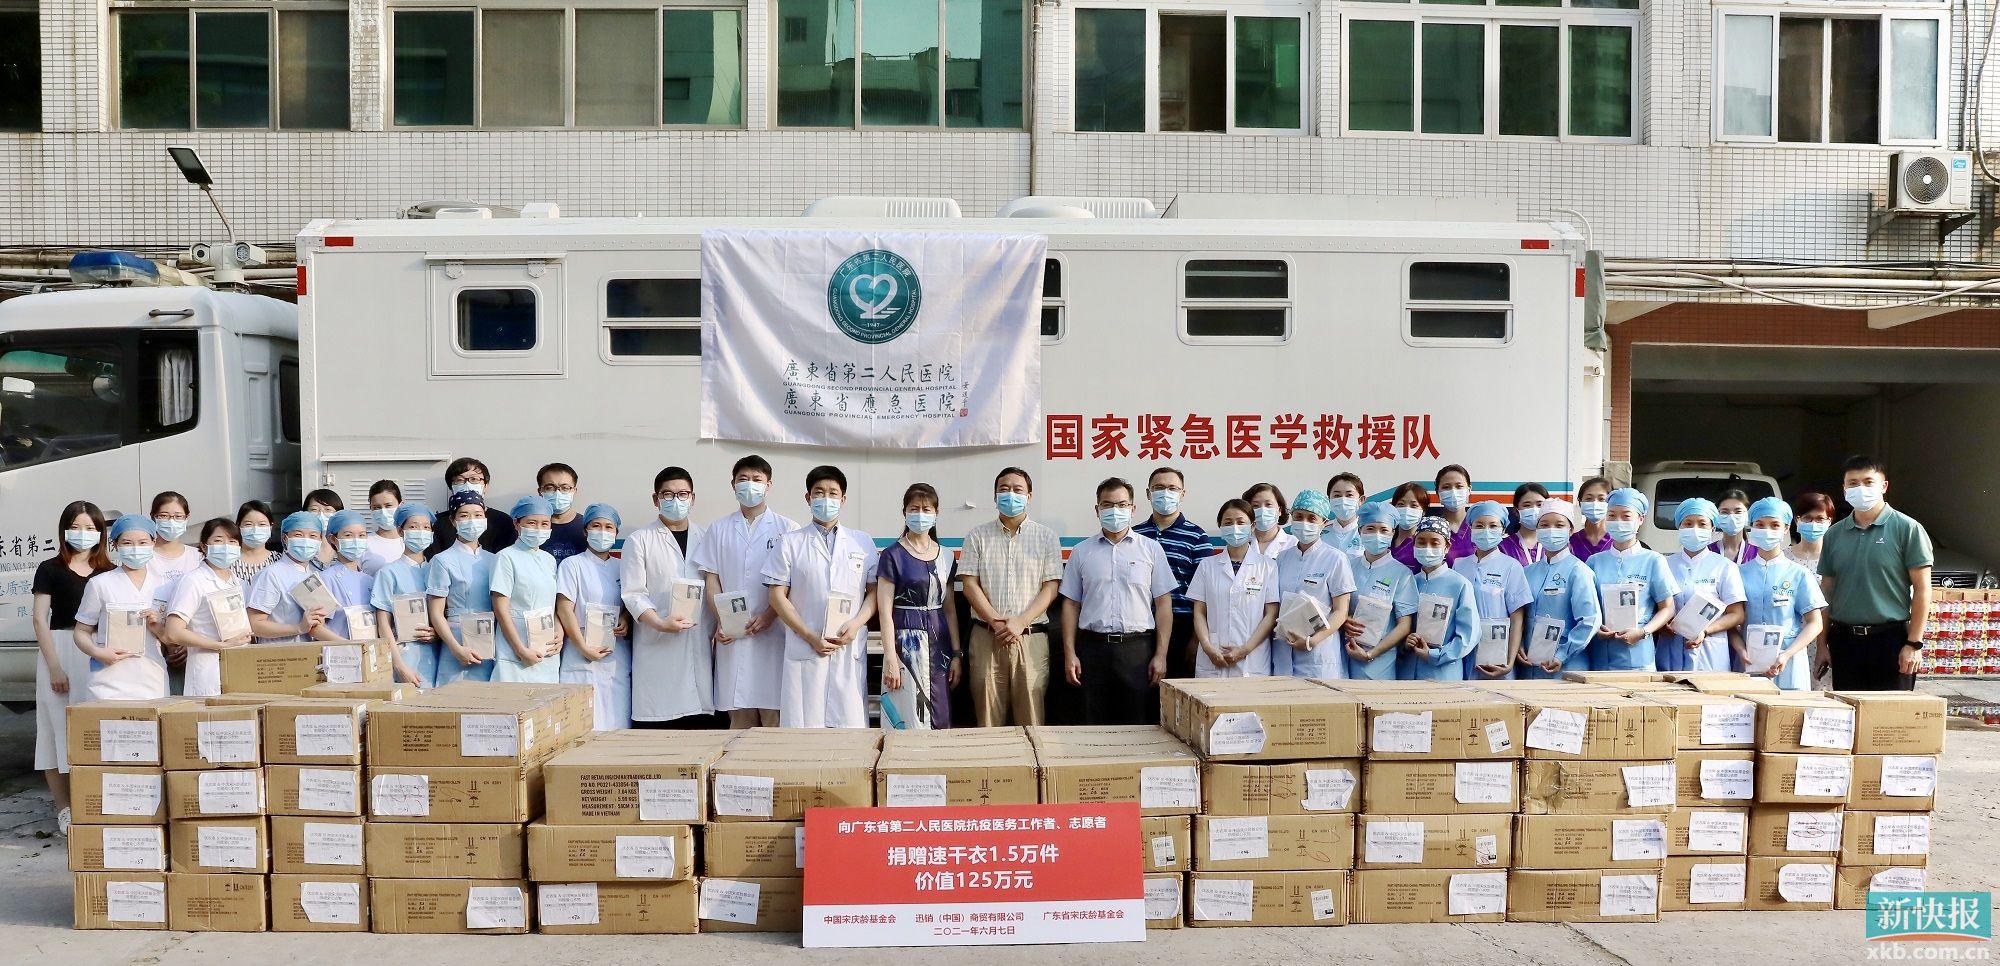 优衣库向广东防疫人员捐赠逾2万件高功能衣物